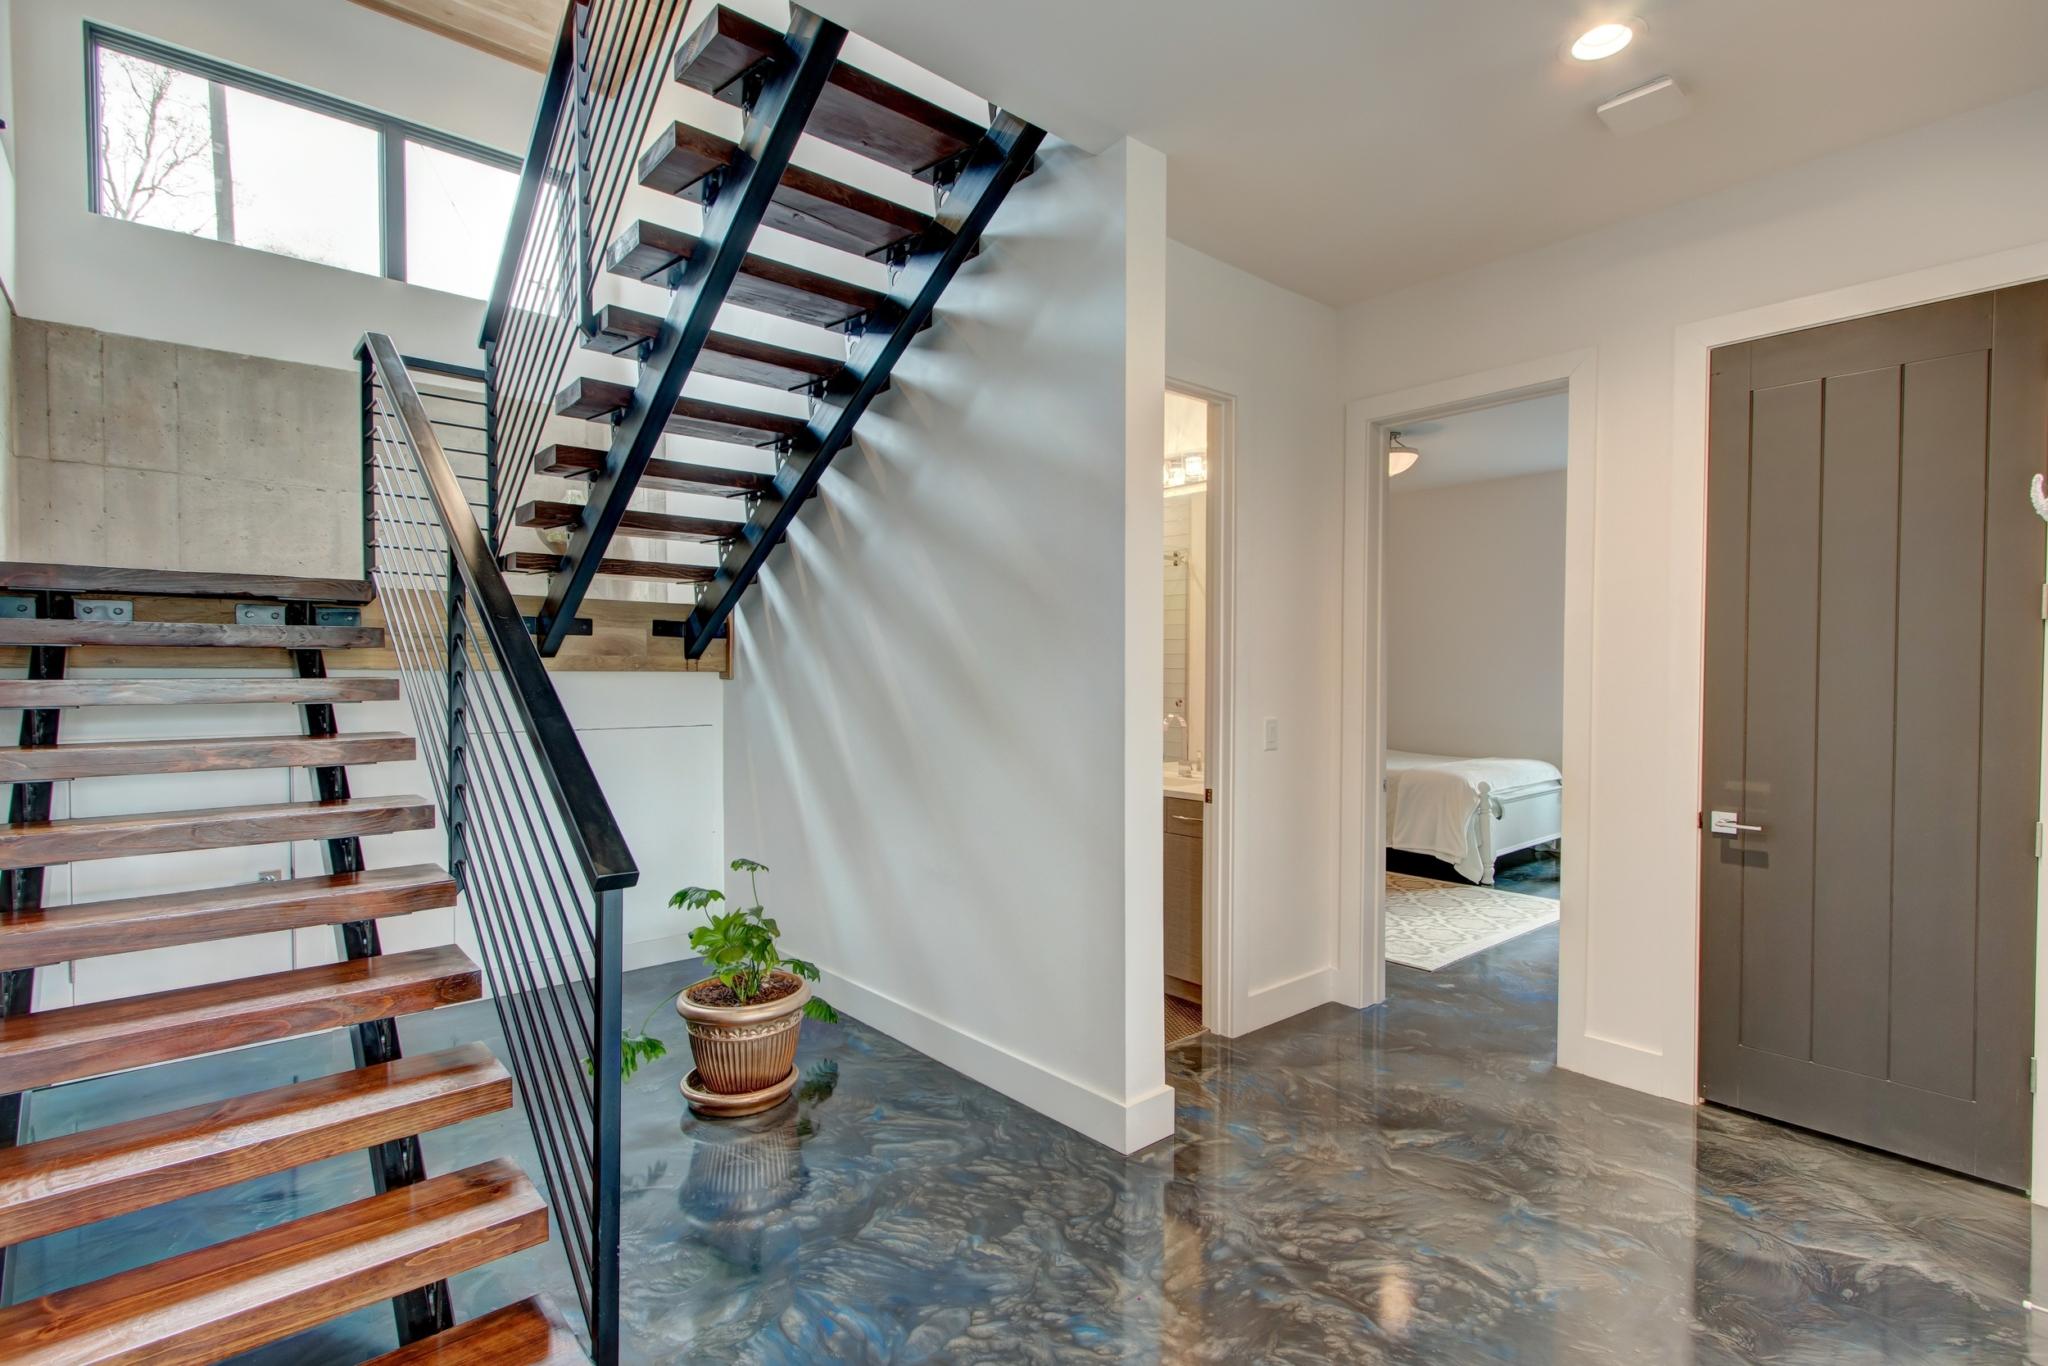 7-Flowery-Branch-6539-Bermuda-Lane-stairs-1-scaled.jpg